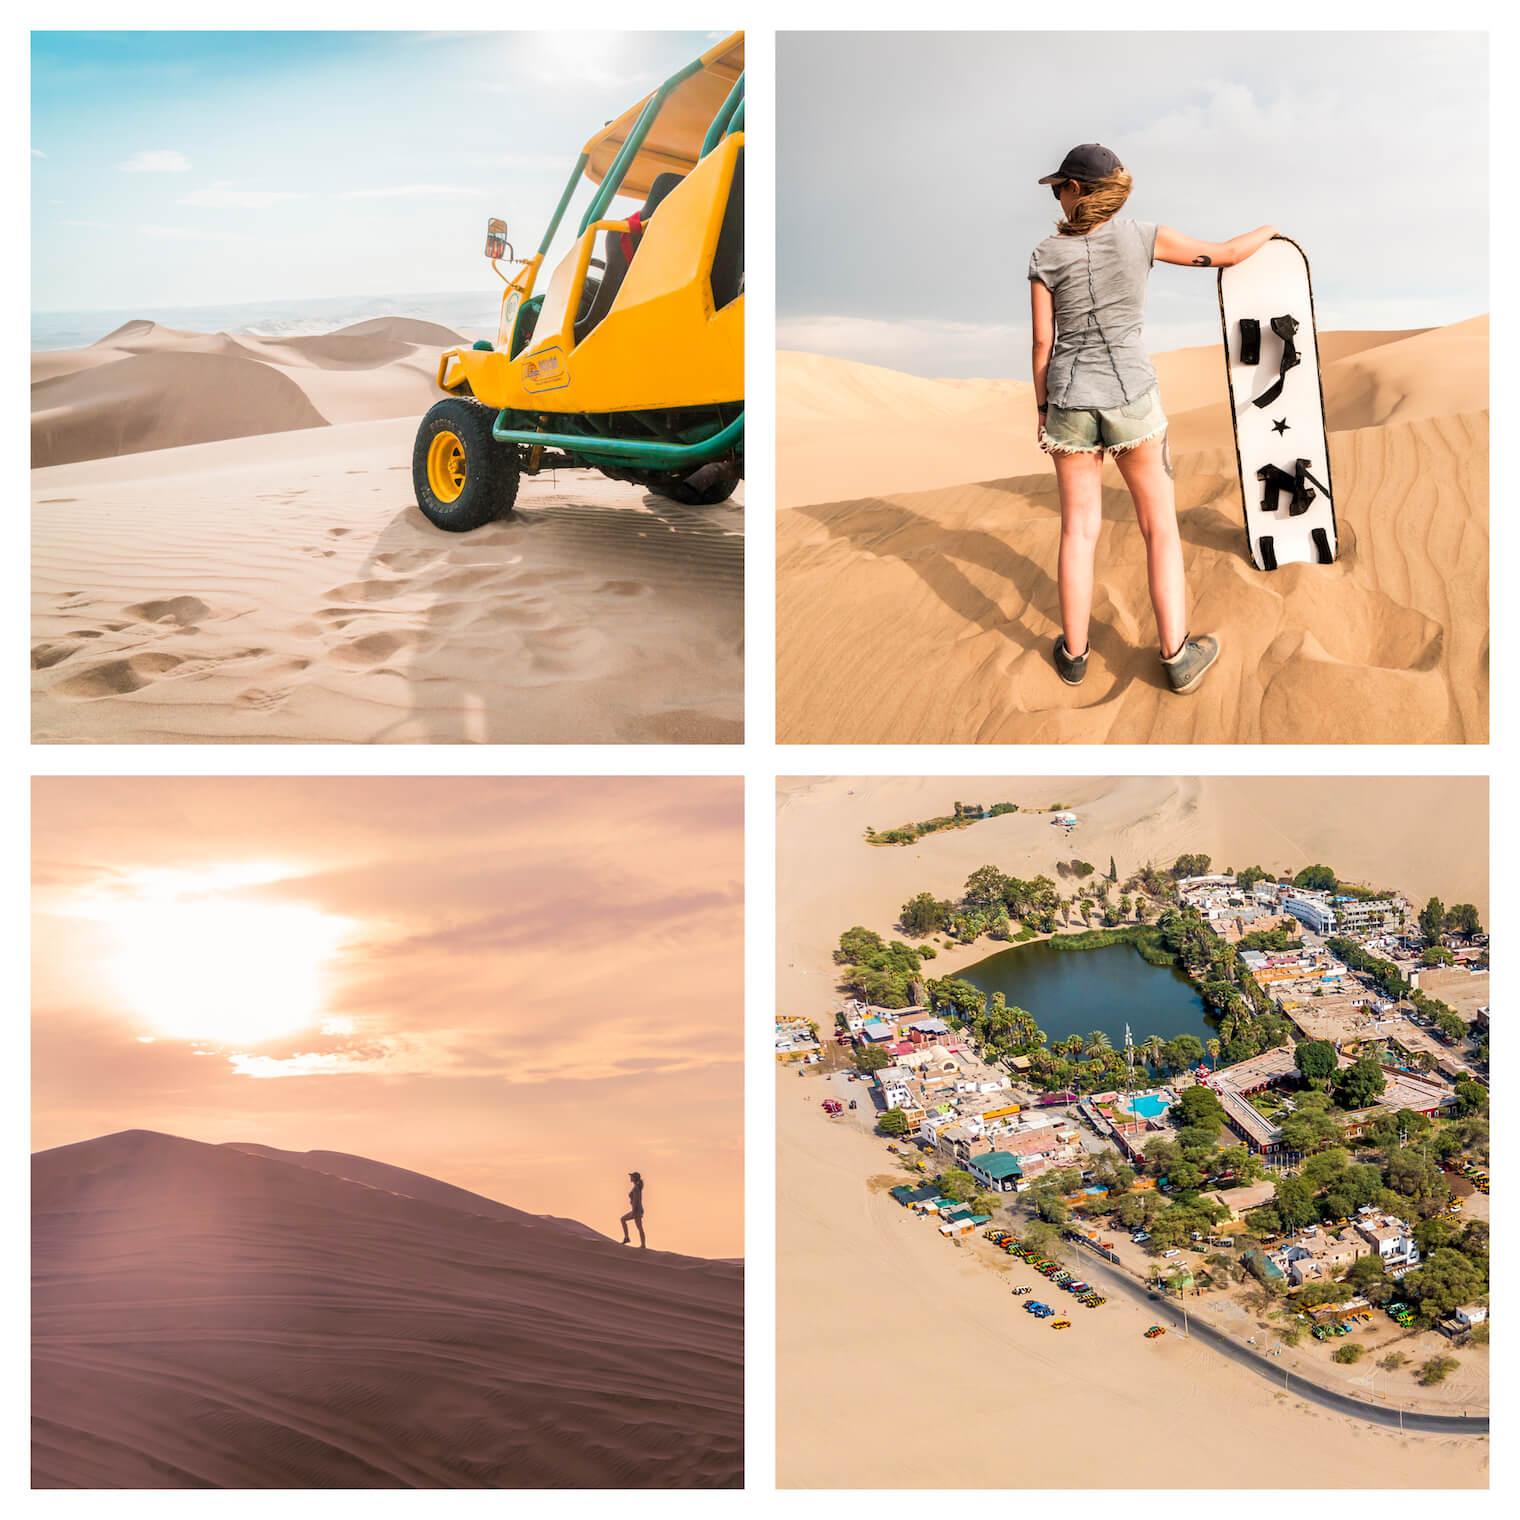 4 fotos: Superior esquerda: um bugre nas dunas. Superior direita: uma garota de costas nas dunas segurando uma prancha de sandboard. Inferior esquerda: um por-do-sol com uma silhueta de uma garota nas dunas. Inferior direita: imagem de um Oasis visto por cima.